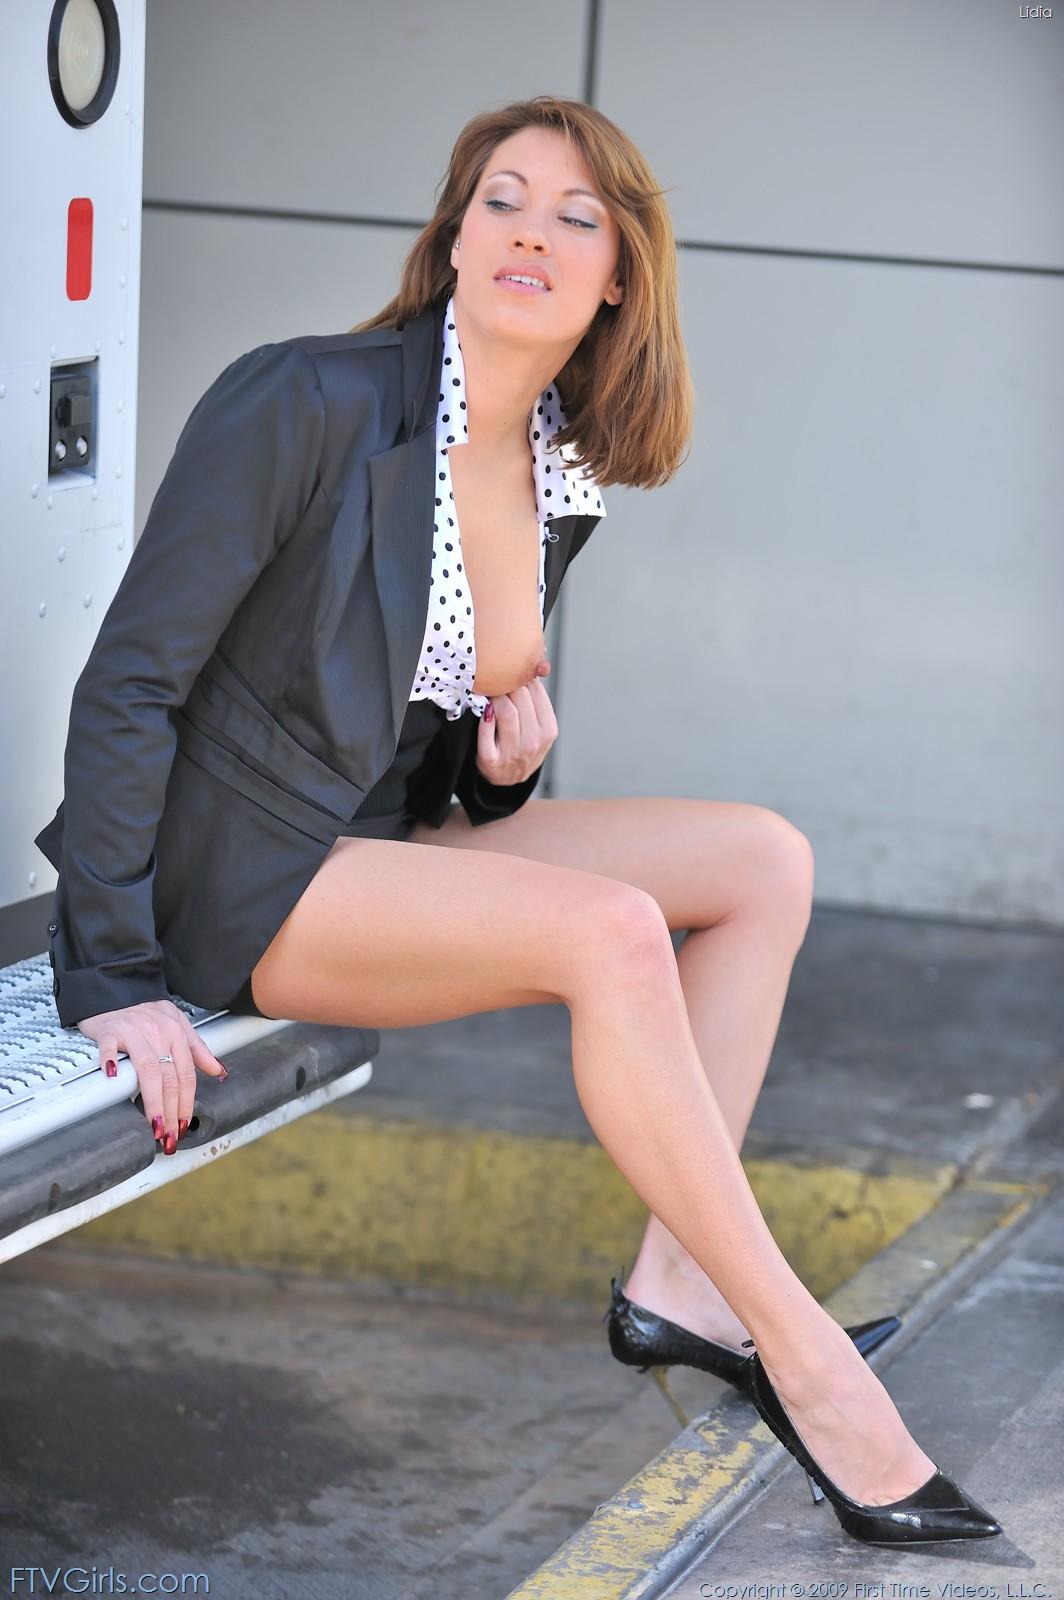 Lidia - FTV Girls 30292